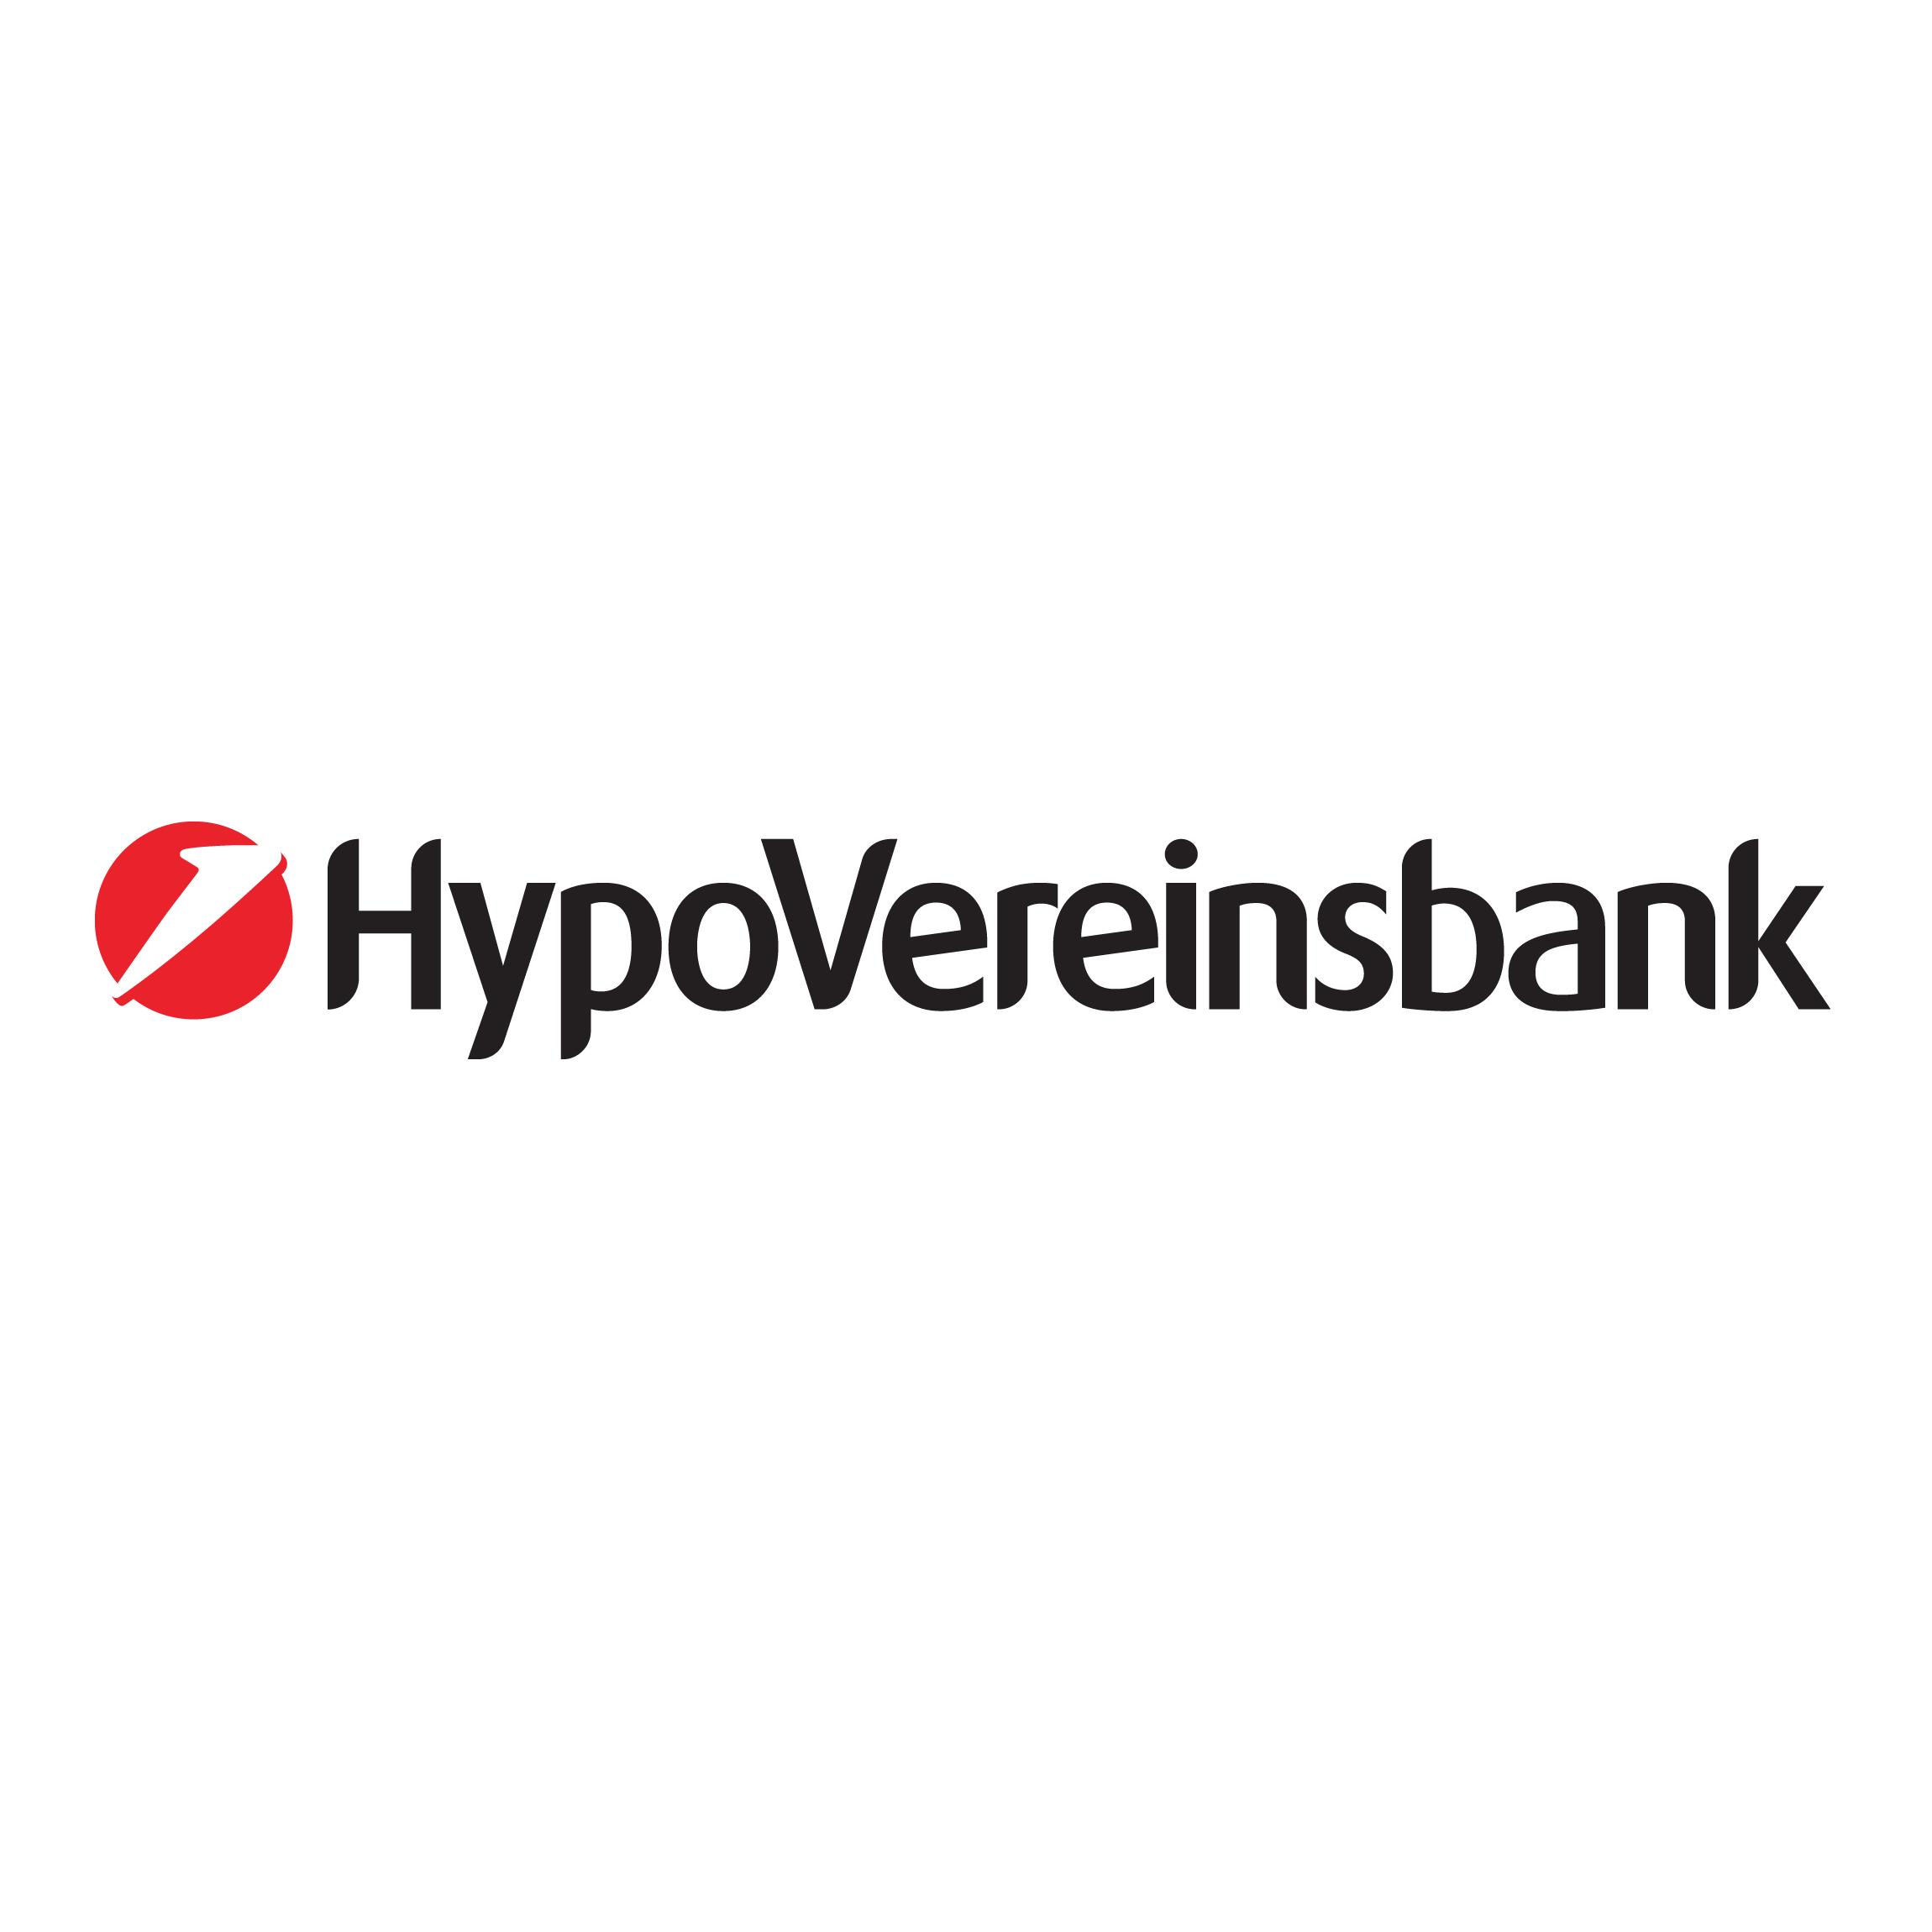 HypoVereinsbank München Kaufingerstraße Geldautomat Logo